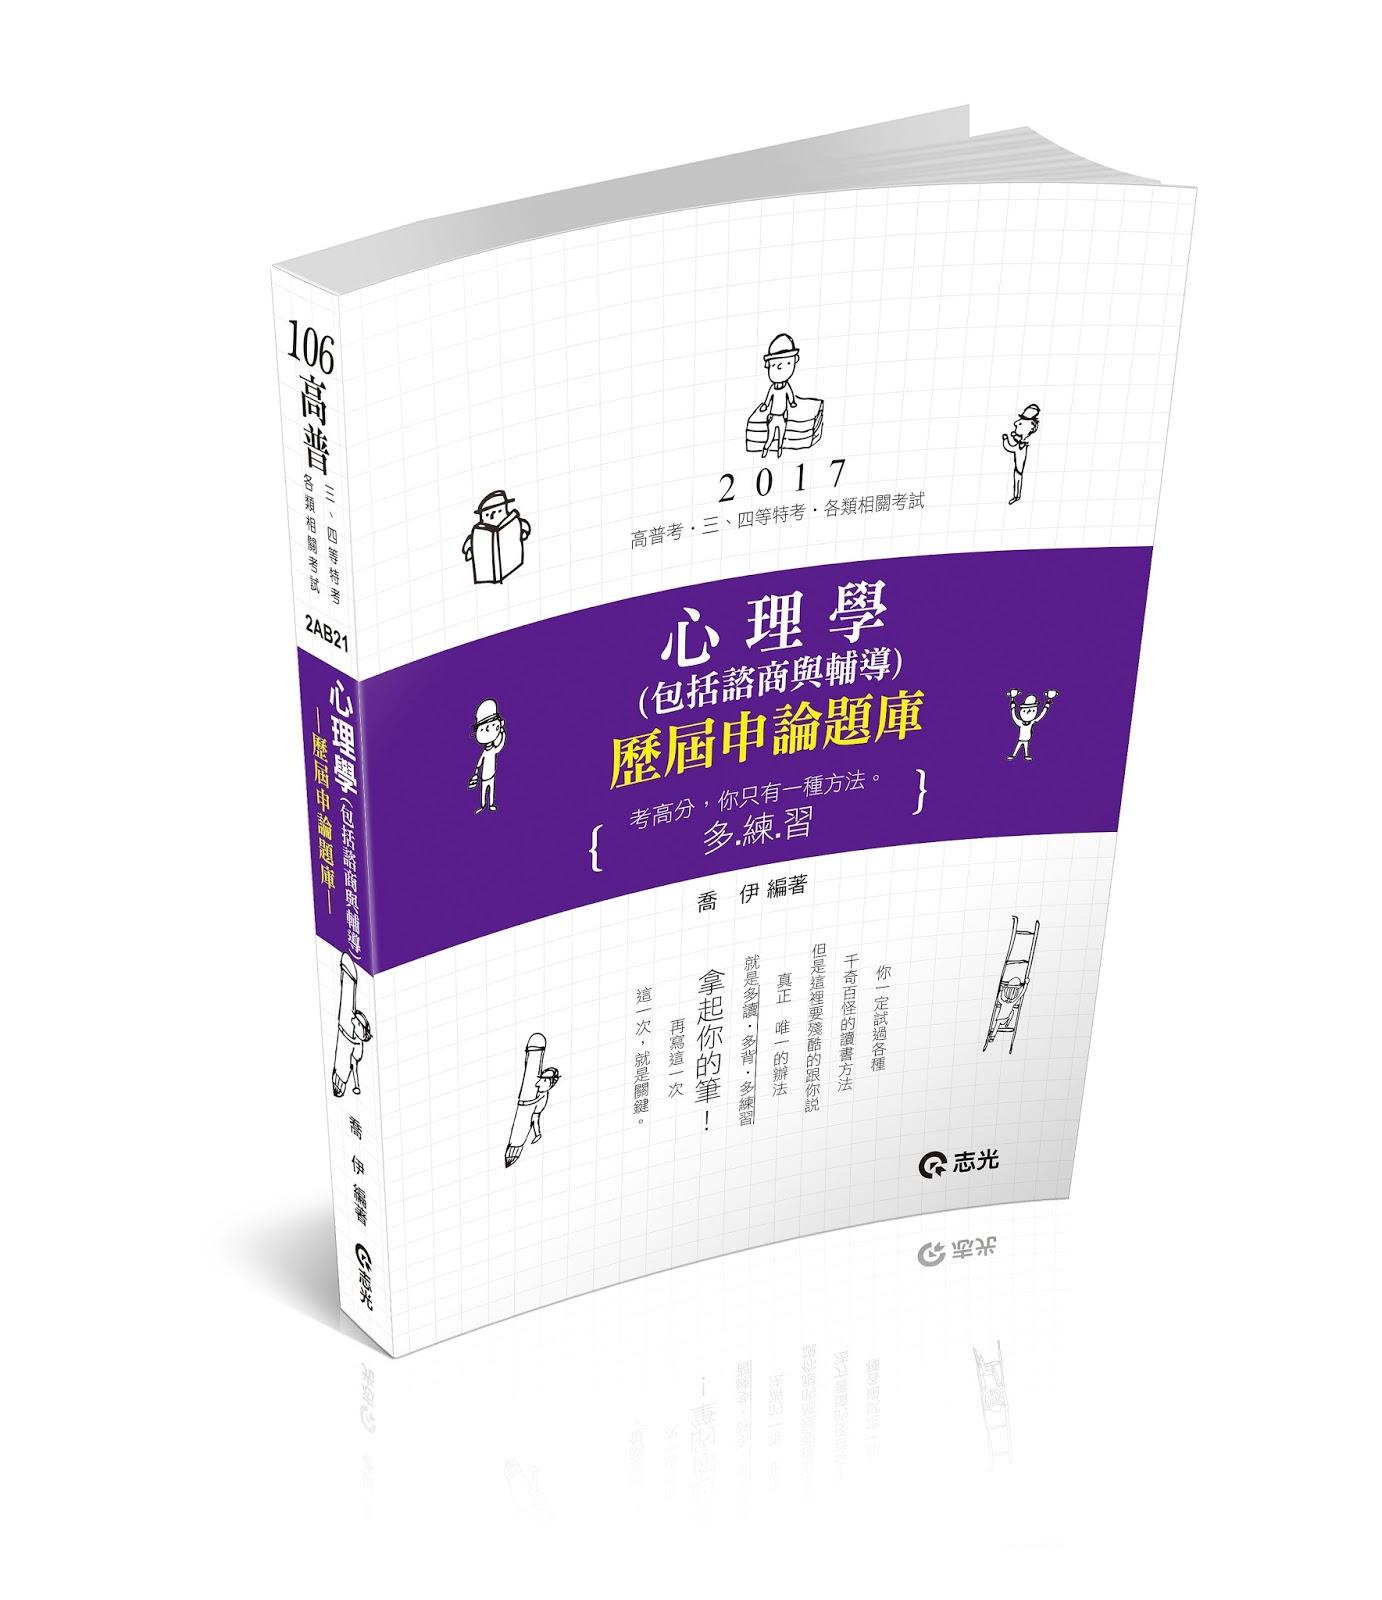 志光 好書部落格: 【新書介紹】2AB21心理學(包括諮商與輔導)歷屆申論題庫-喬伊